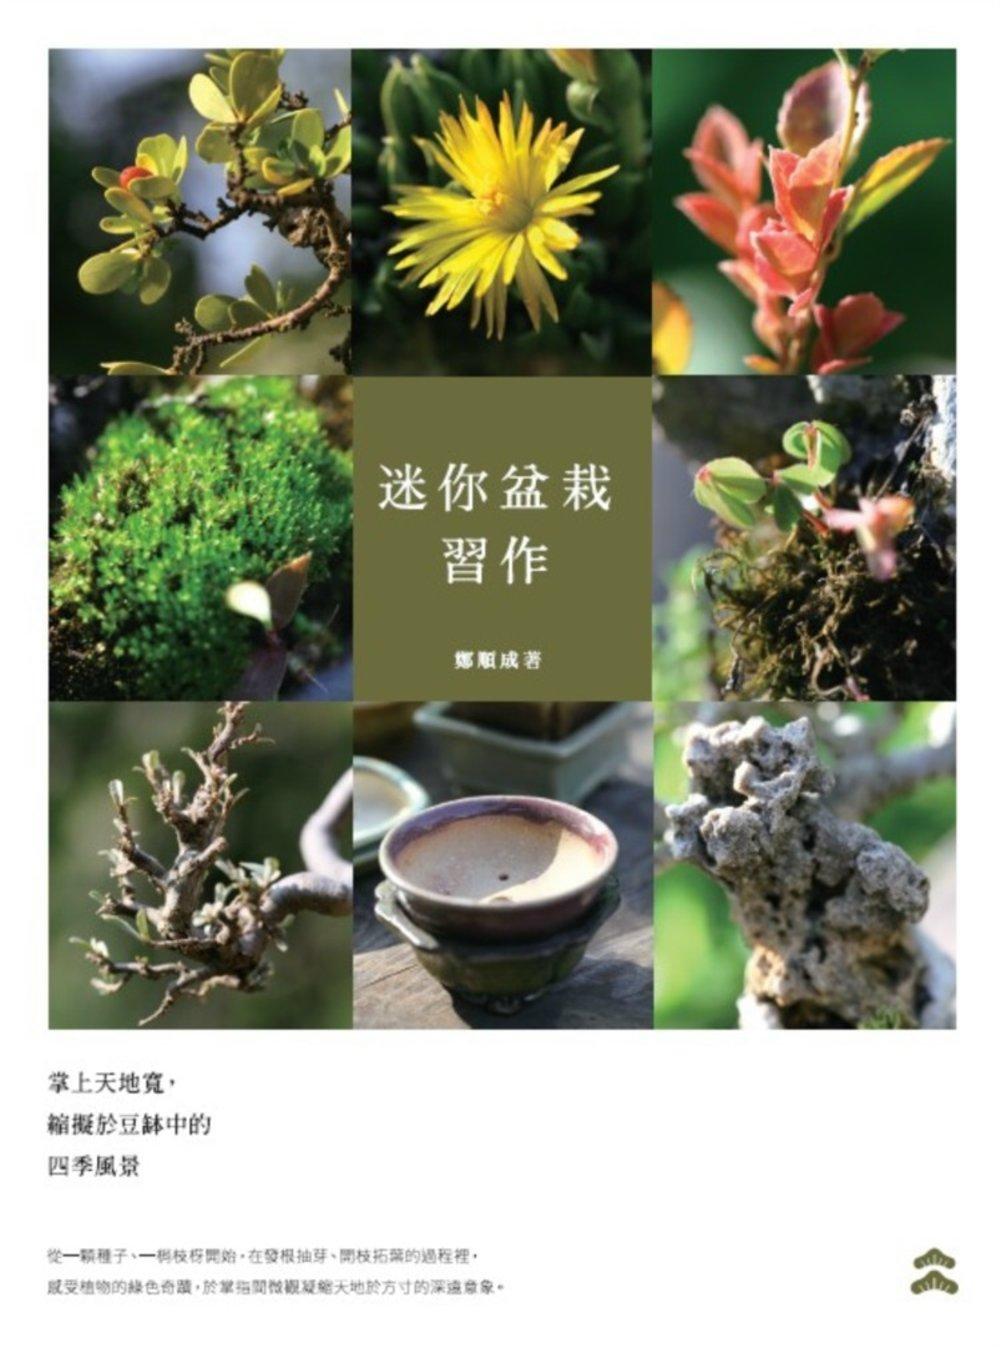 迷你盆栽習作:掌上天地寬,縮擬於豆缽中的四季風景